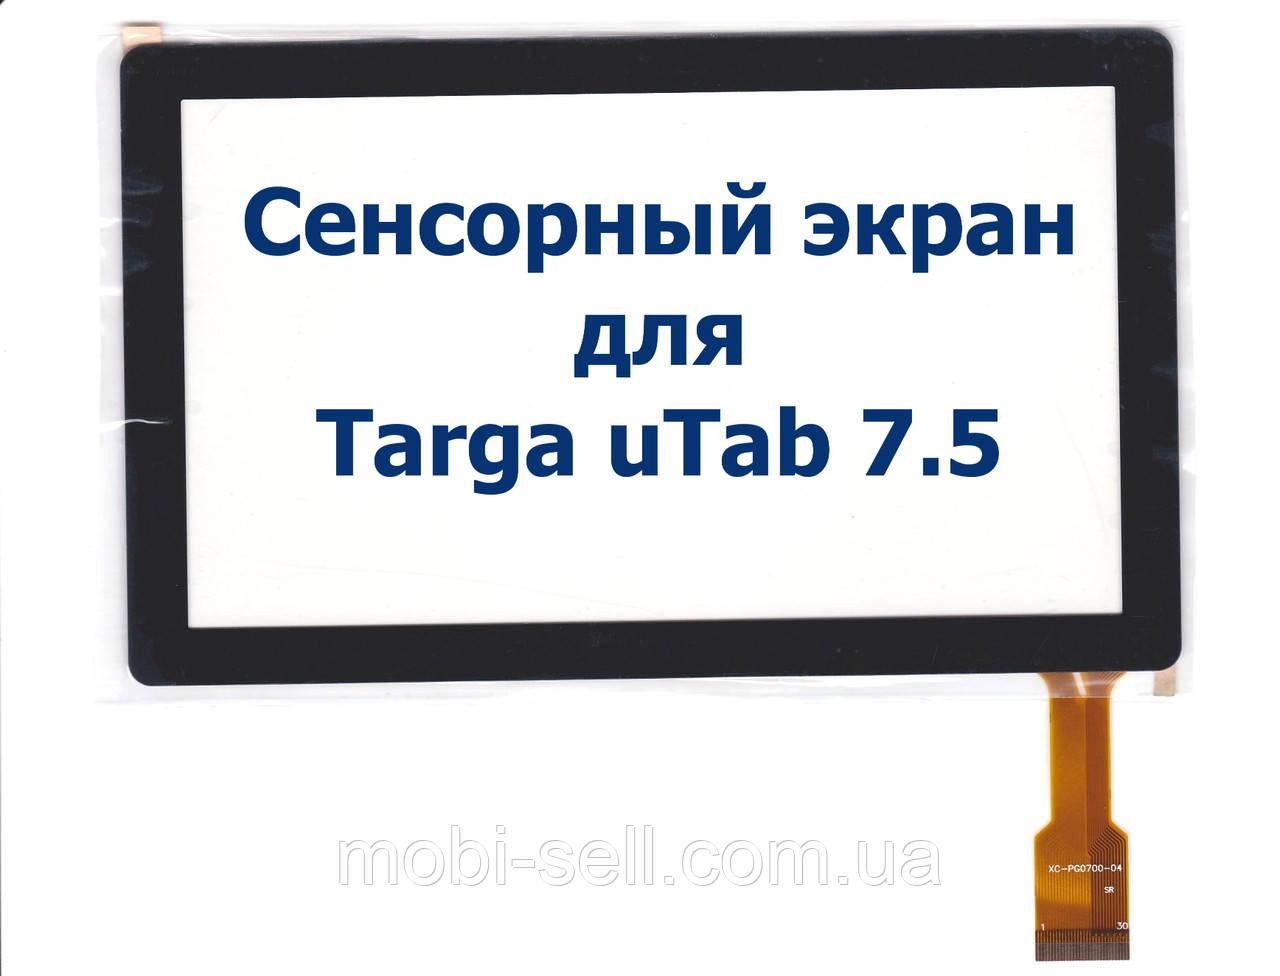 Сенсорный экран тачскрин сенсор для Targa uTab 7.5